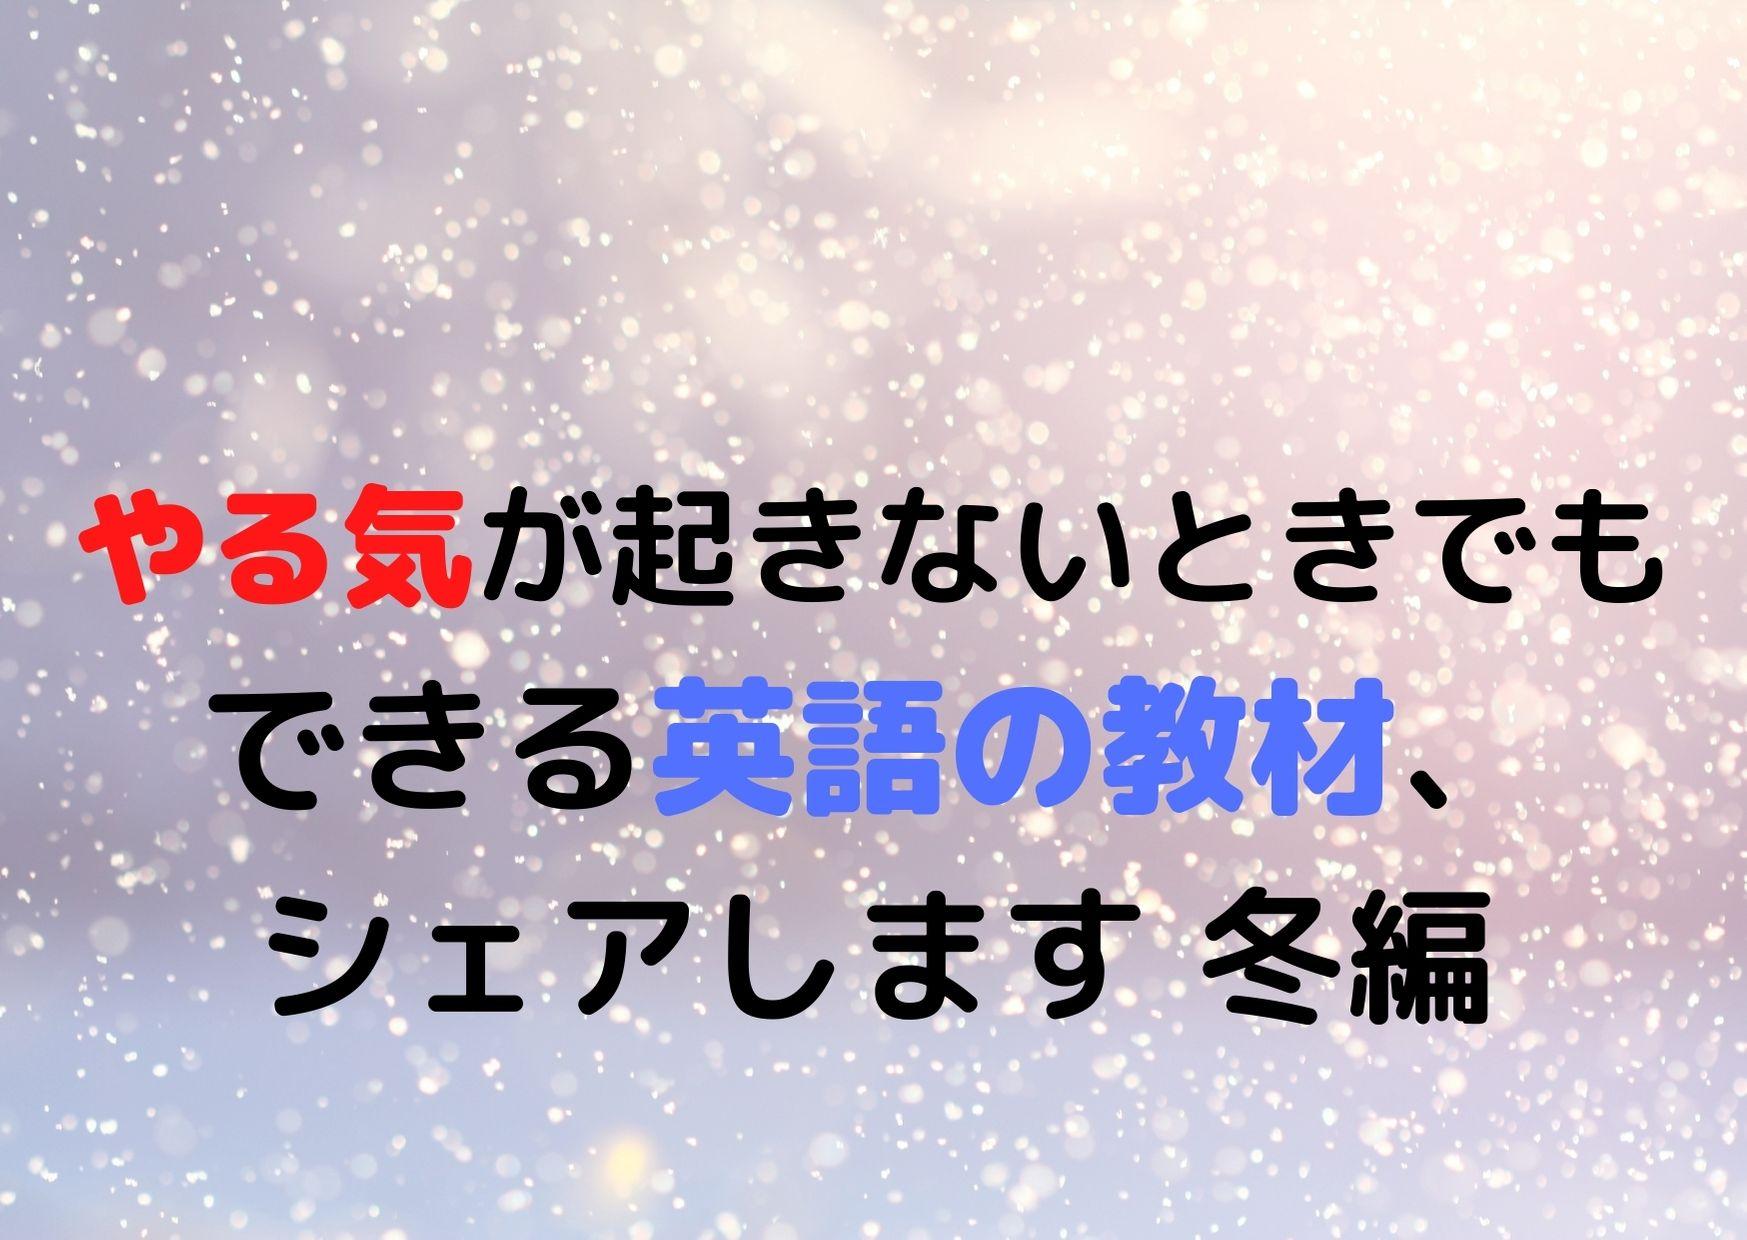 やる気が起きないときでもできる英語の教材、シェアします 冬編